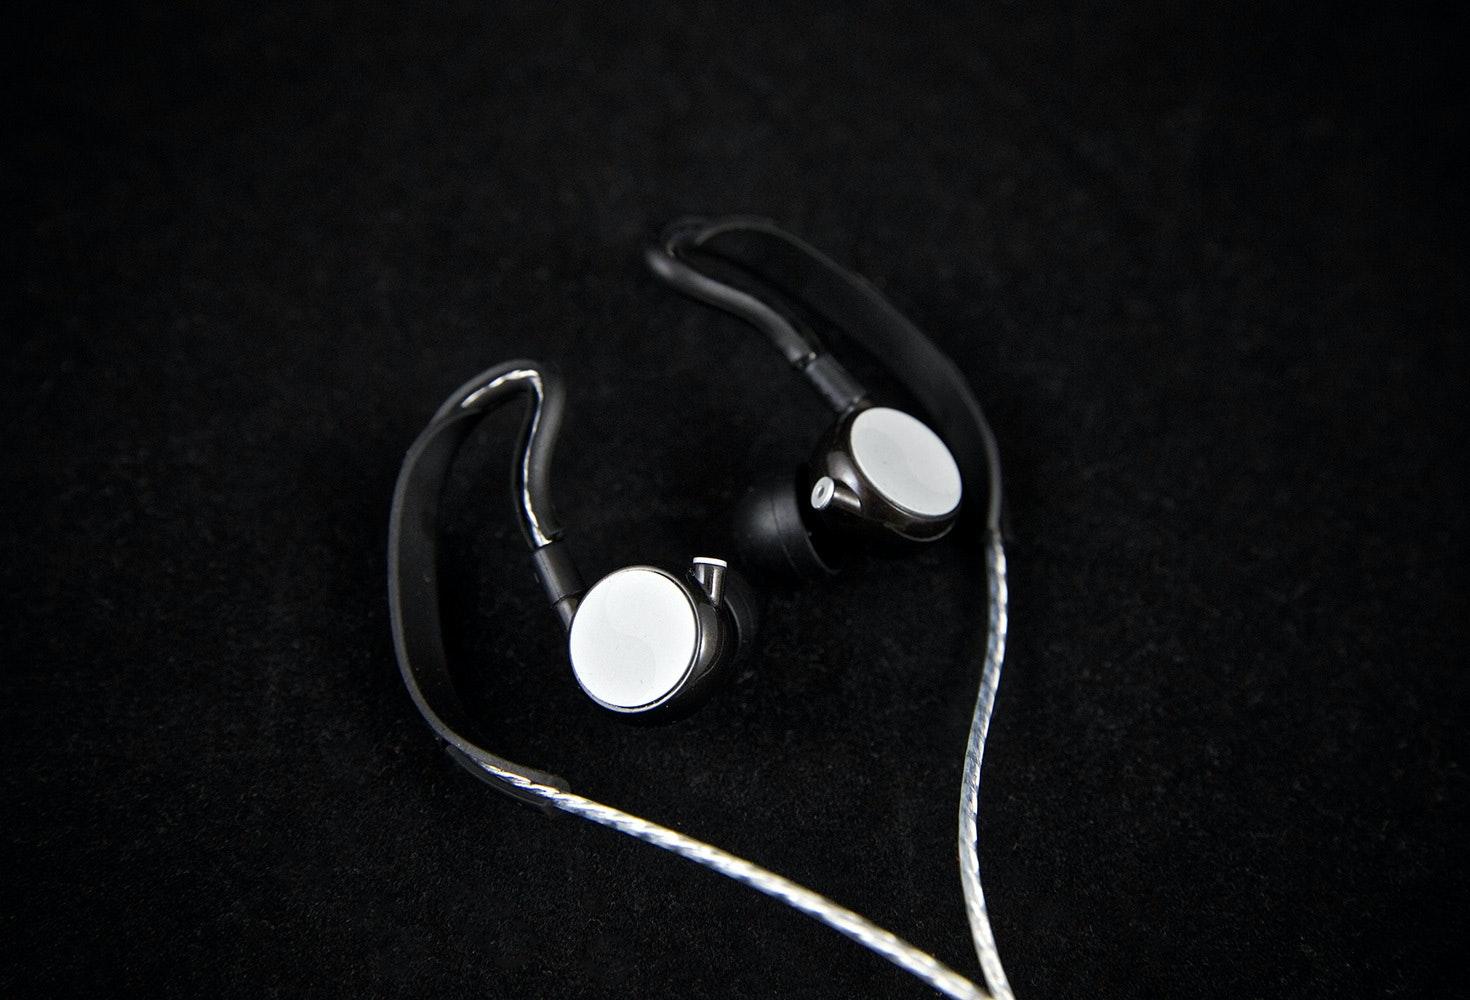 DUNU DN-19 Tai Chi Earphones